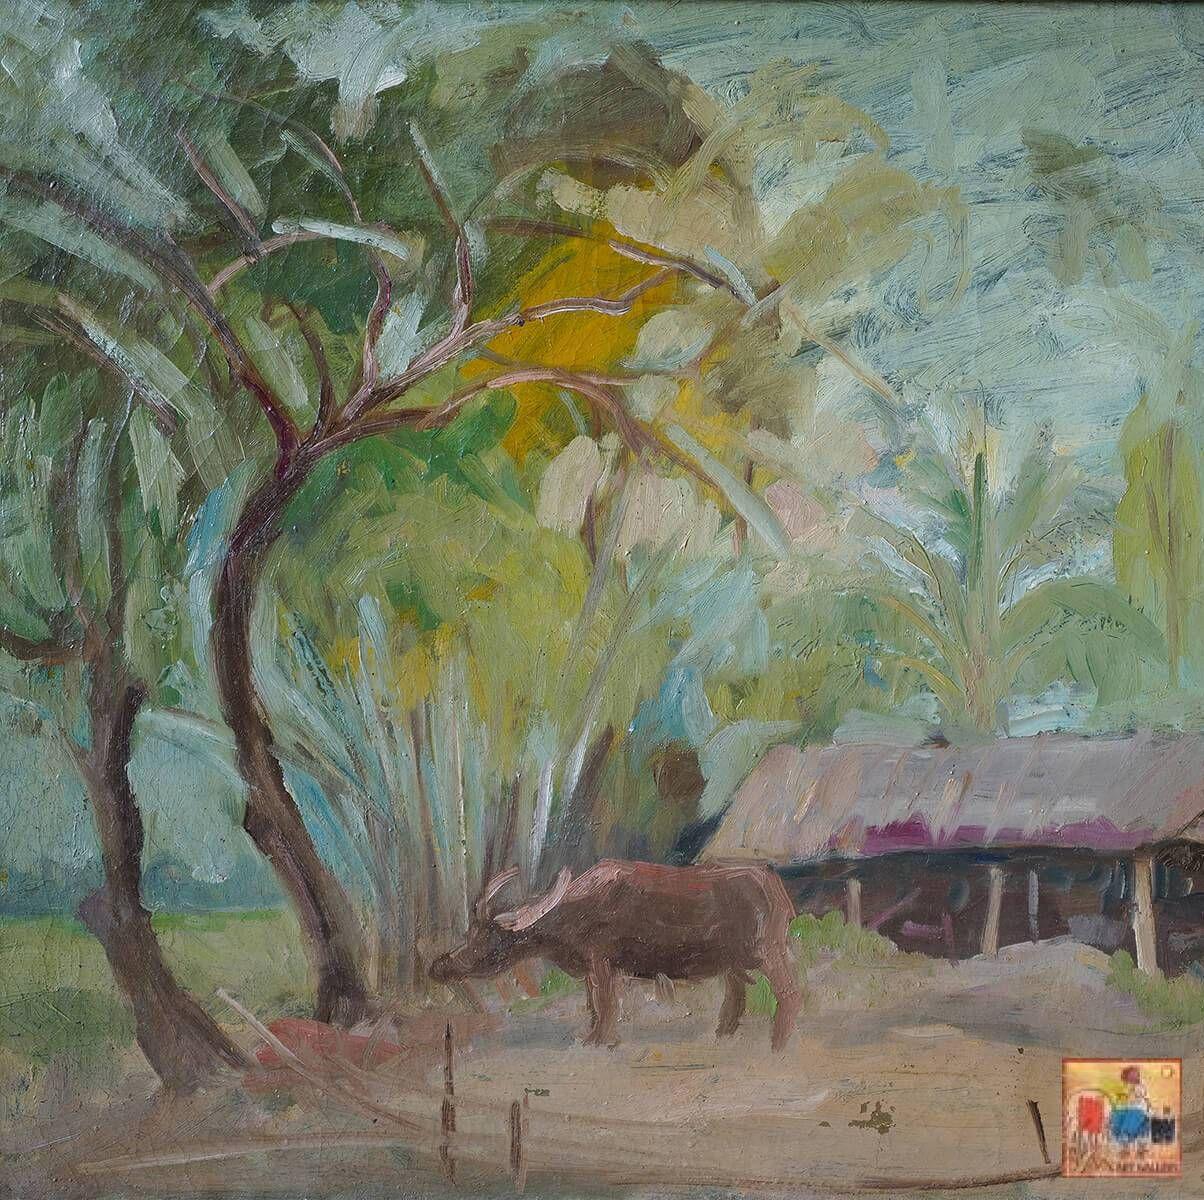 Hồ Phòng, sơn dầu, 54x65 cm